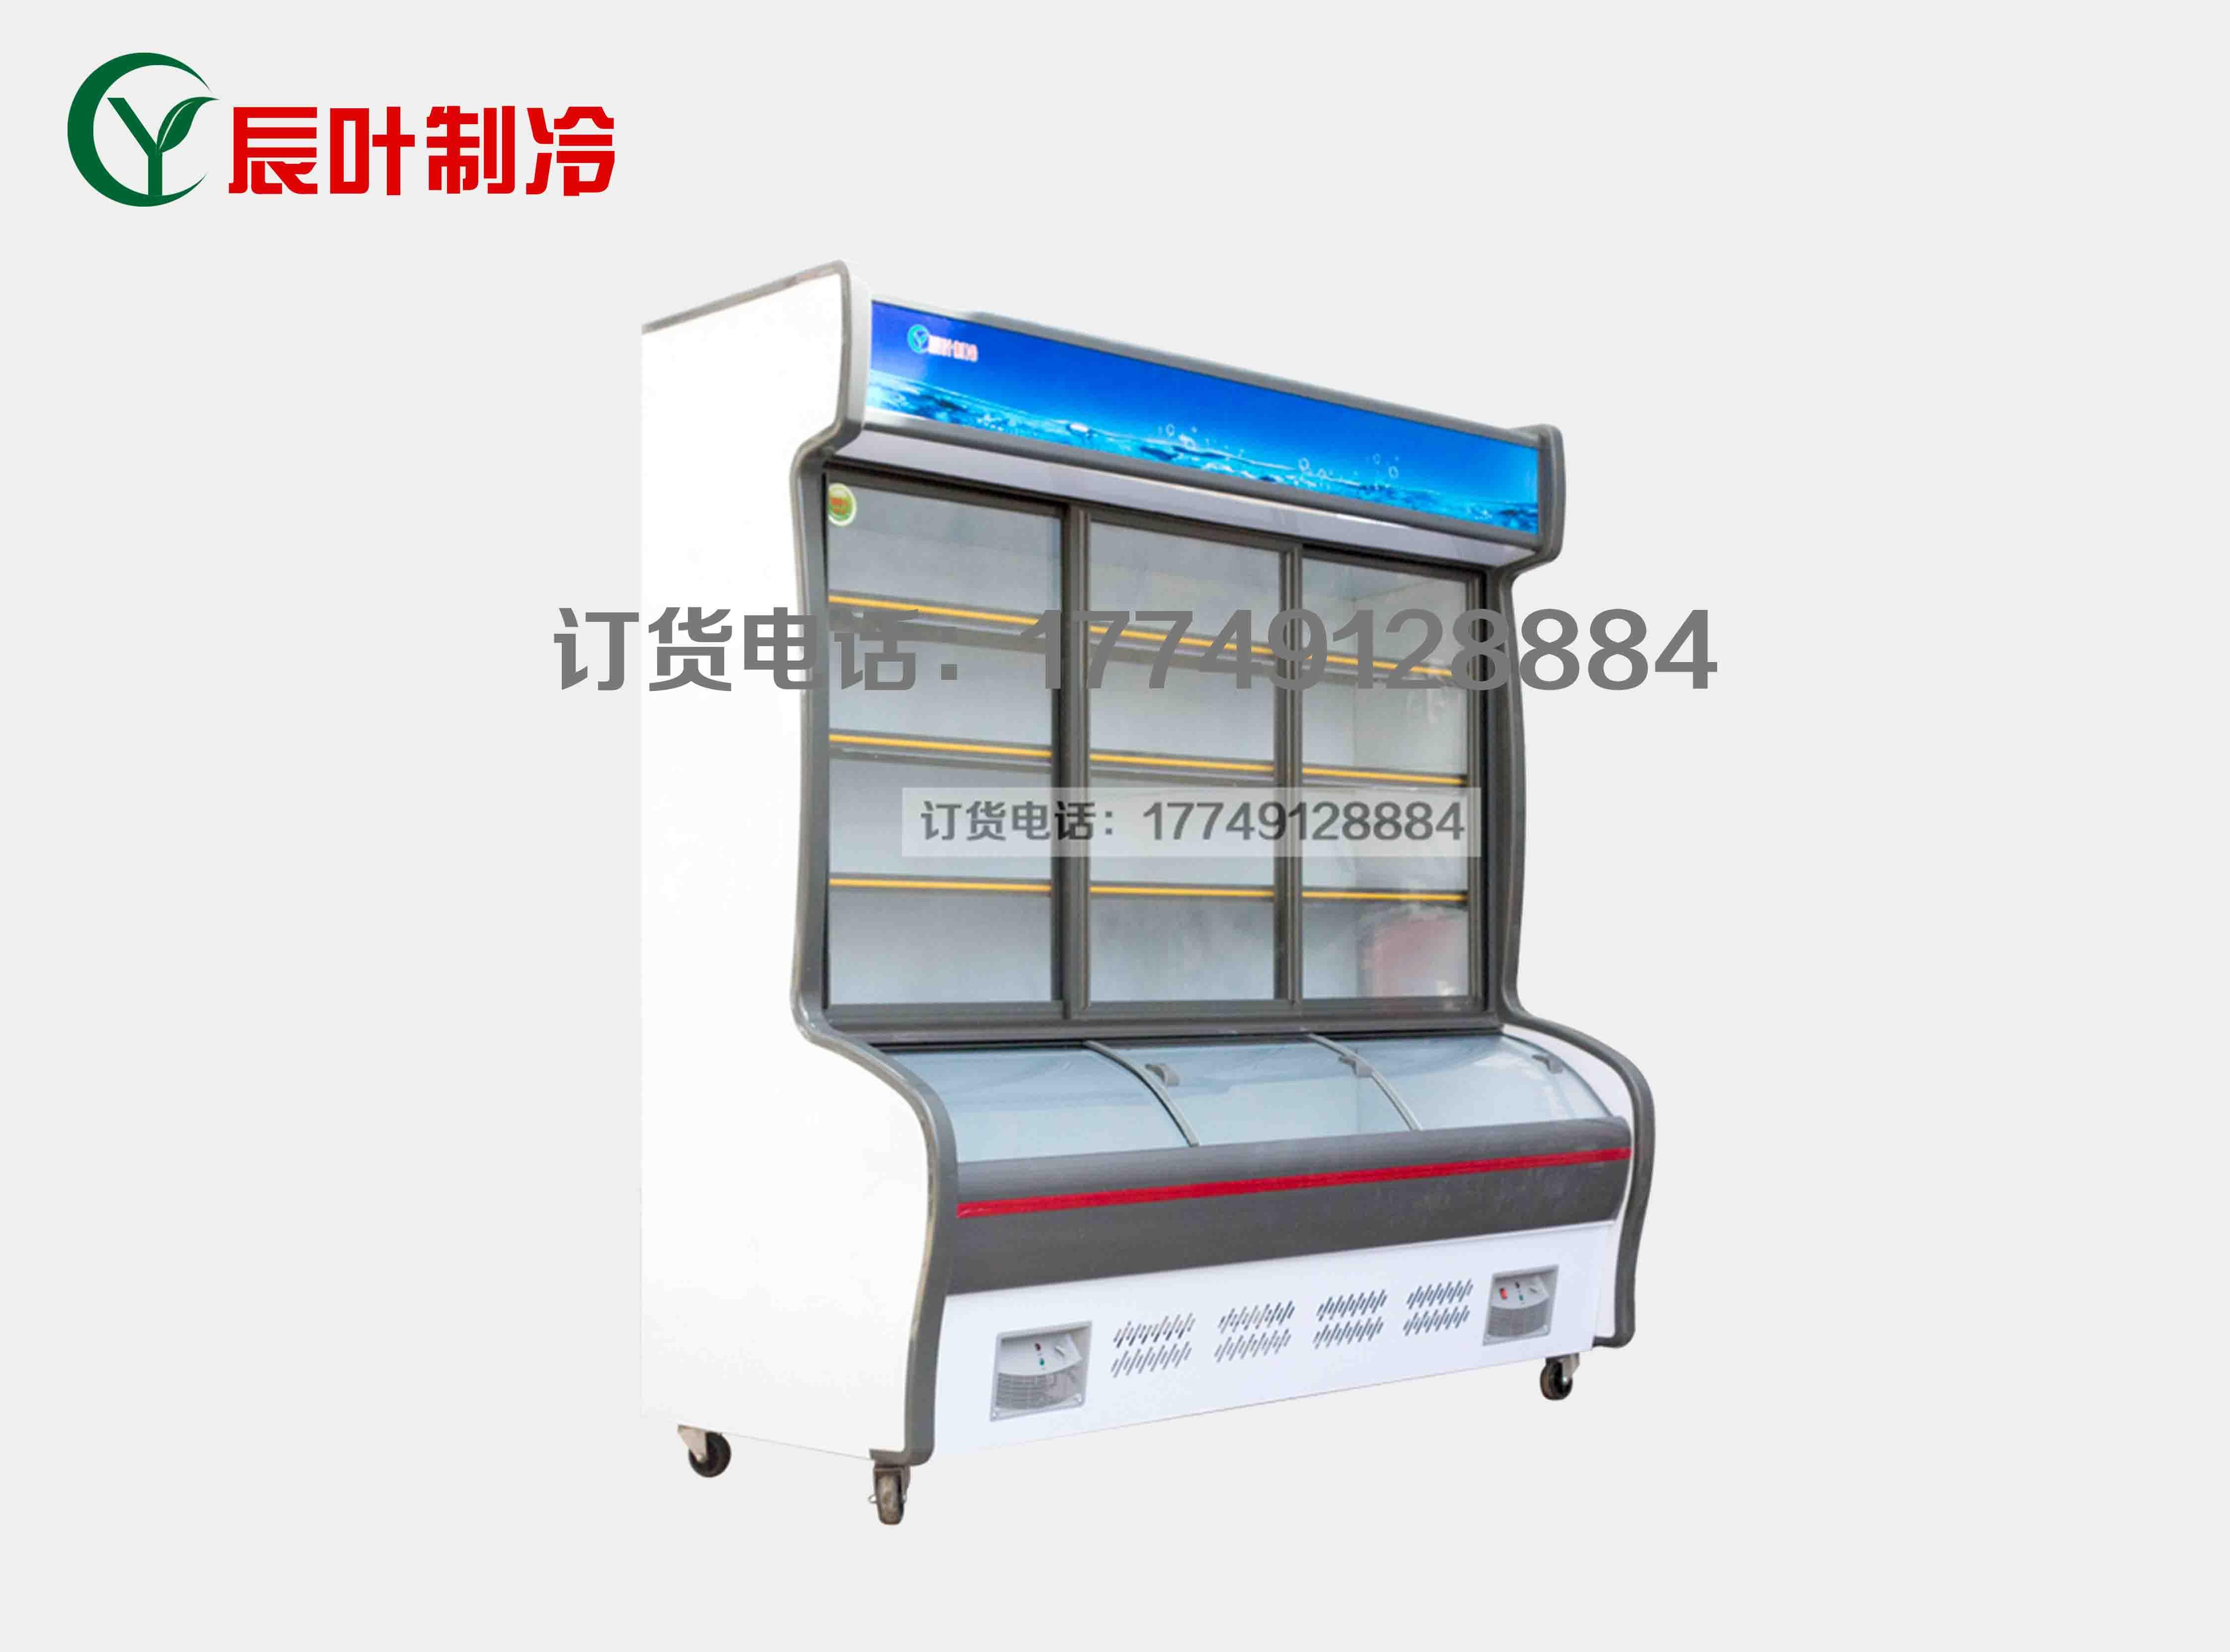 陜西辰葉制冷設備有限公司經營蛋糕柜等產品